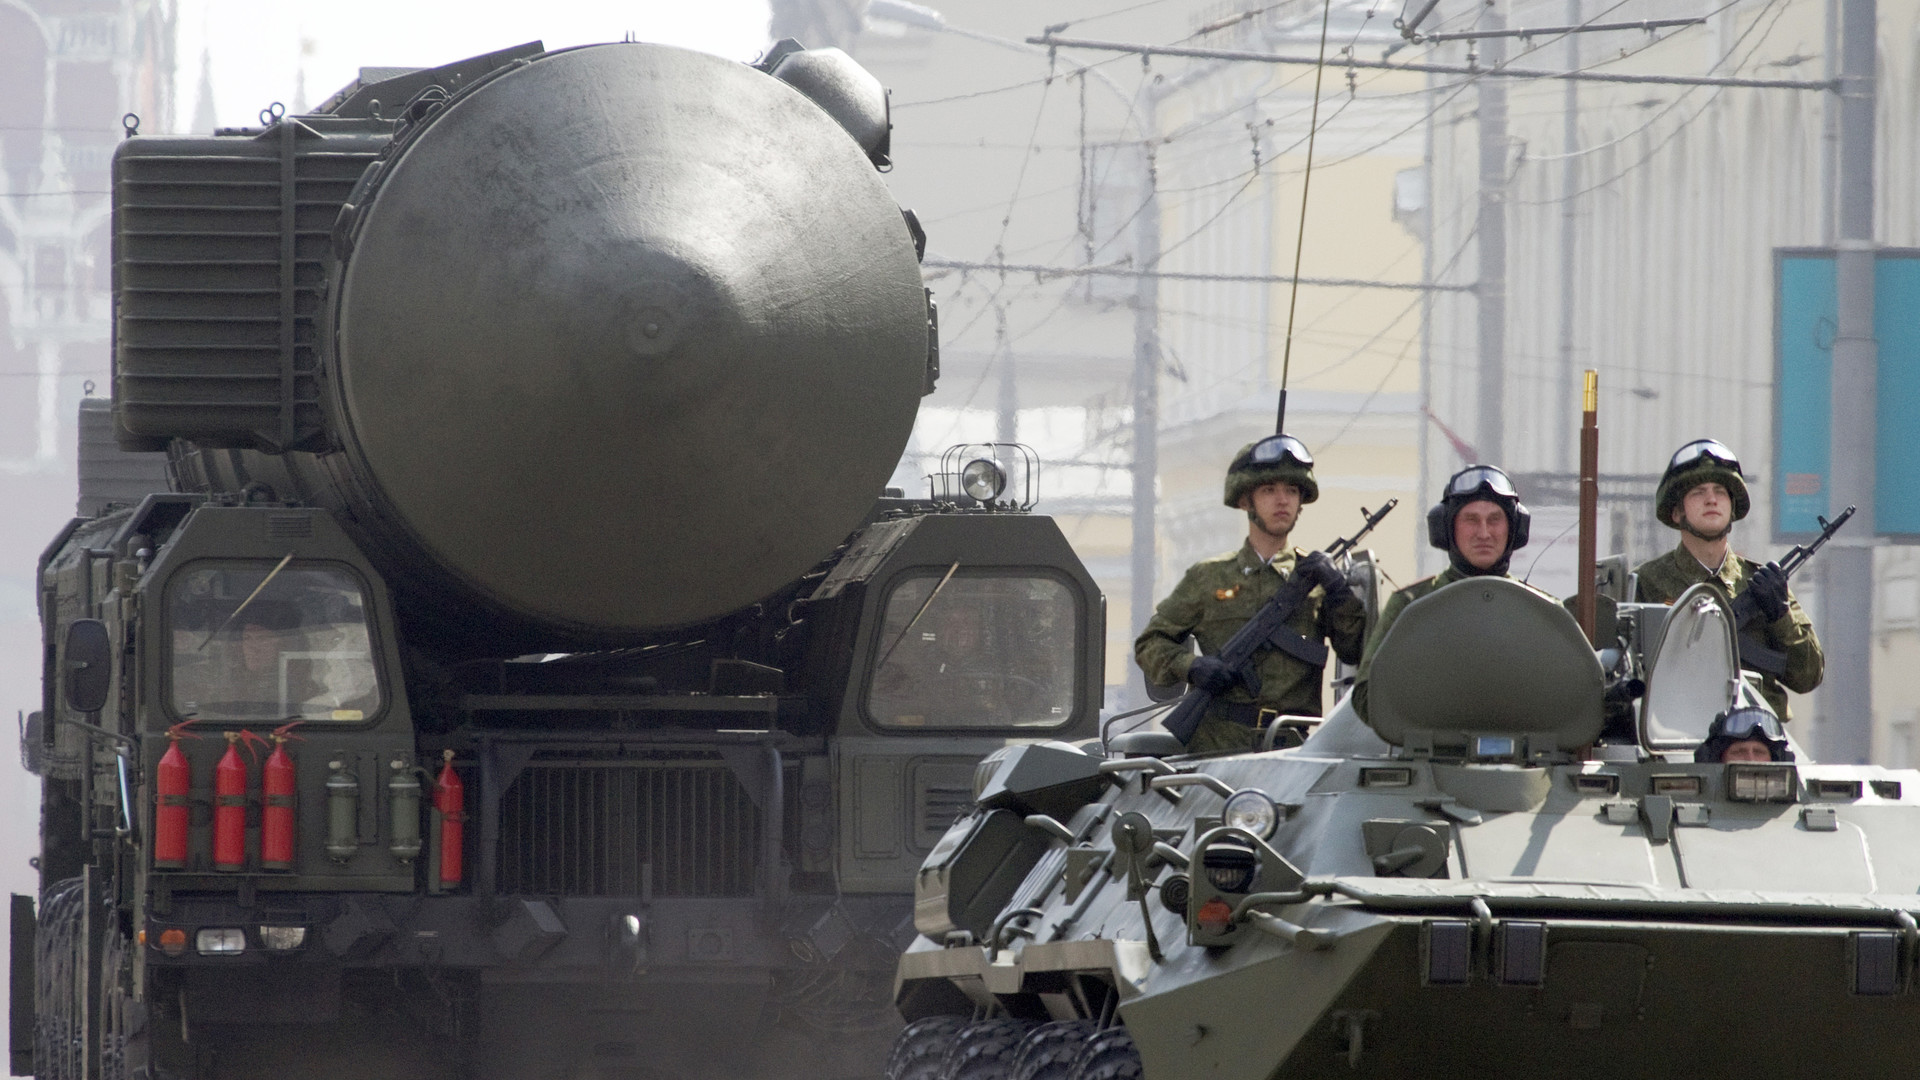 СМИ и ядерное оружие: Пентагон обозначил главные угрозы со стороны России